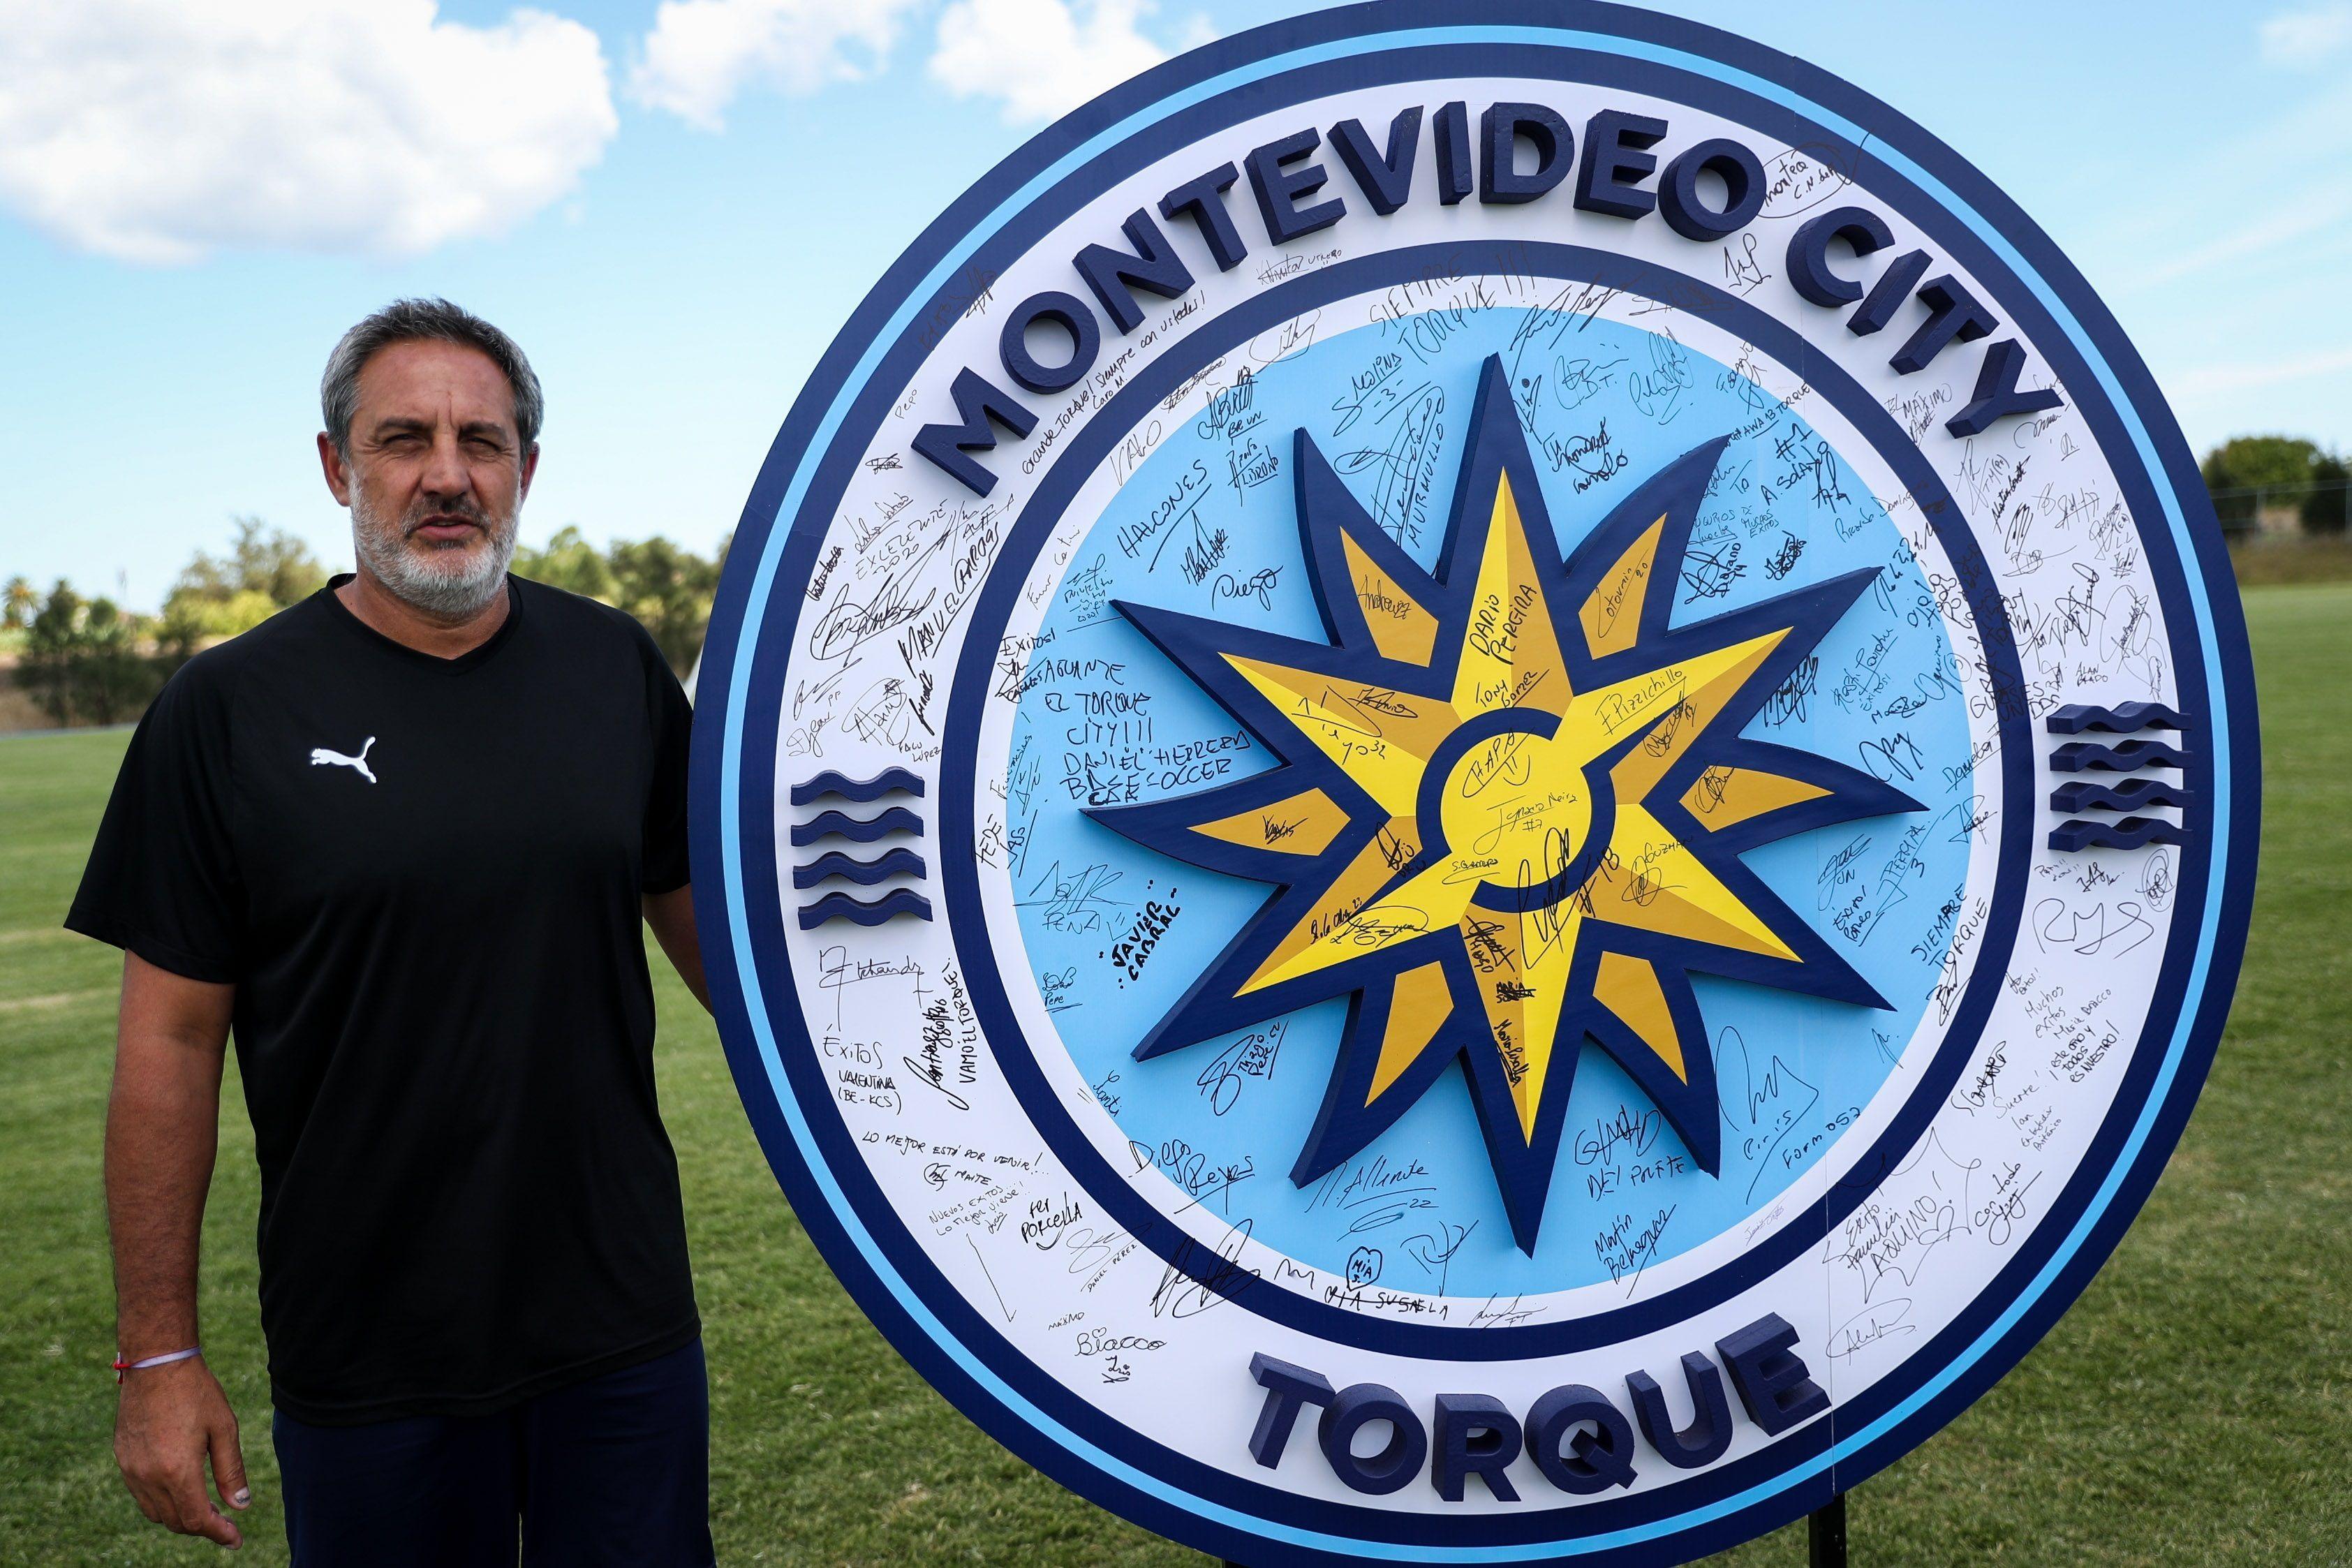 En la imagen un registro del entrenador del club uruguayo de fútbol Montevideo City Torque, Pablo Marini. EFE/Federico Anfitti/Archivo